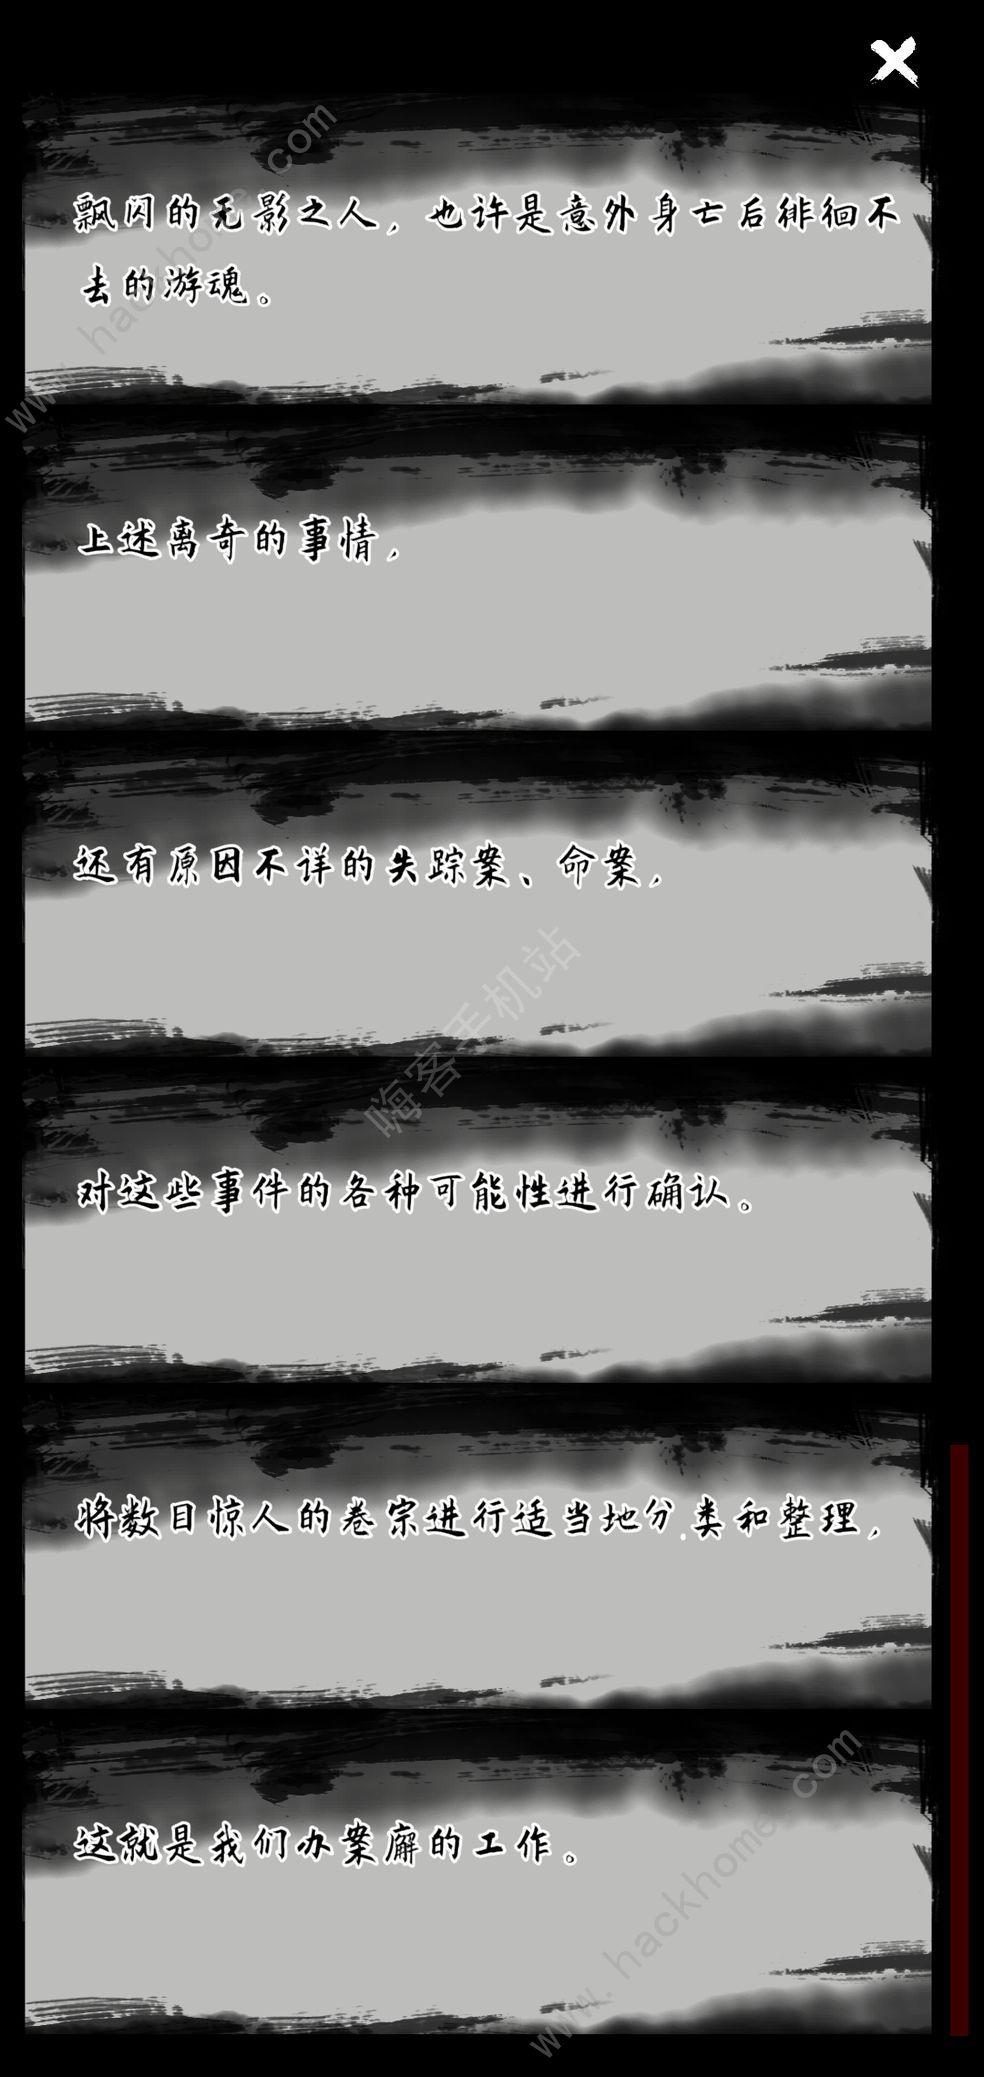 长安遗案攻略大全 全章节通关总汇[多图]图片1